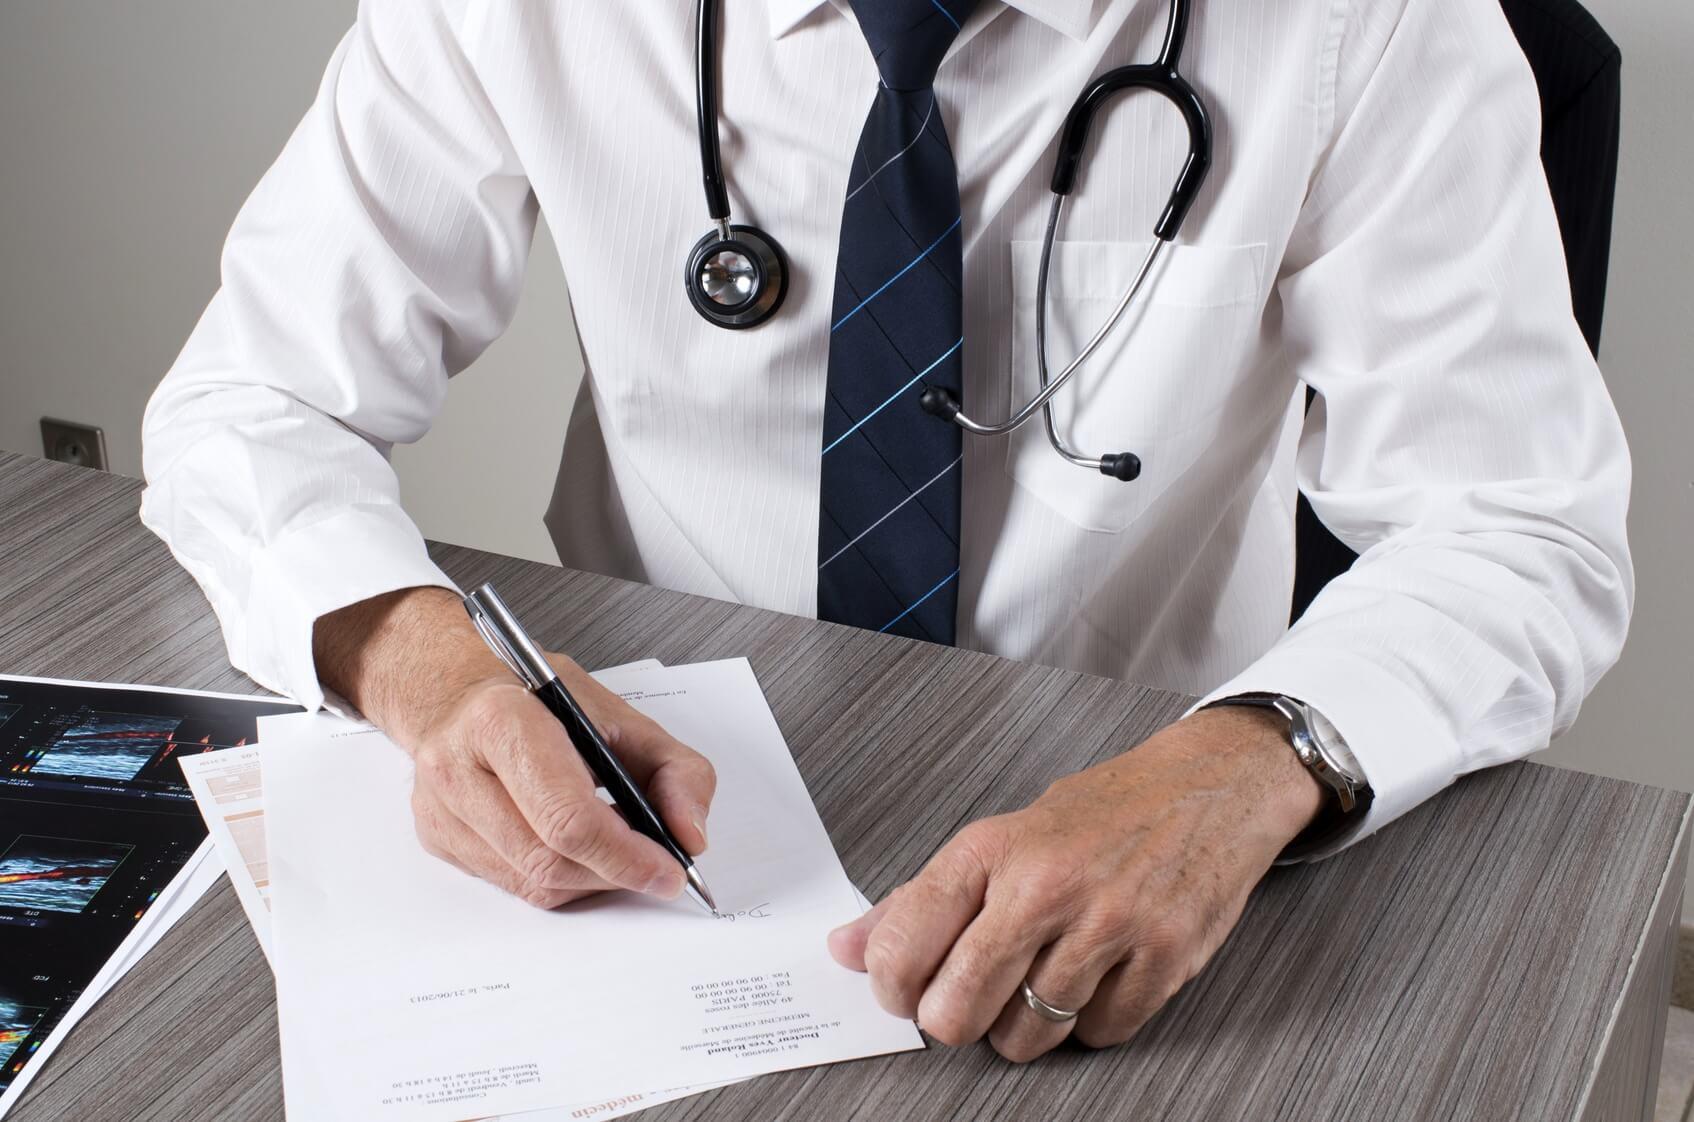 Horaires du cabinet médical de Vico